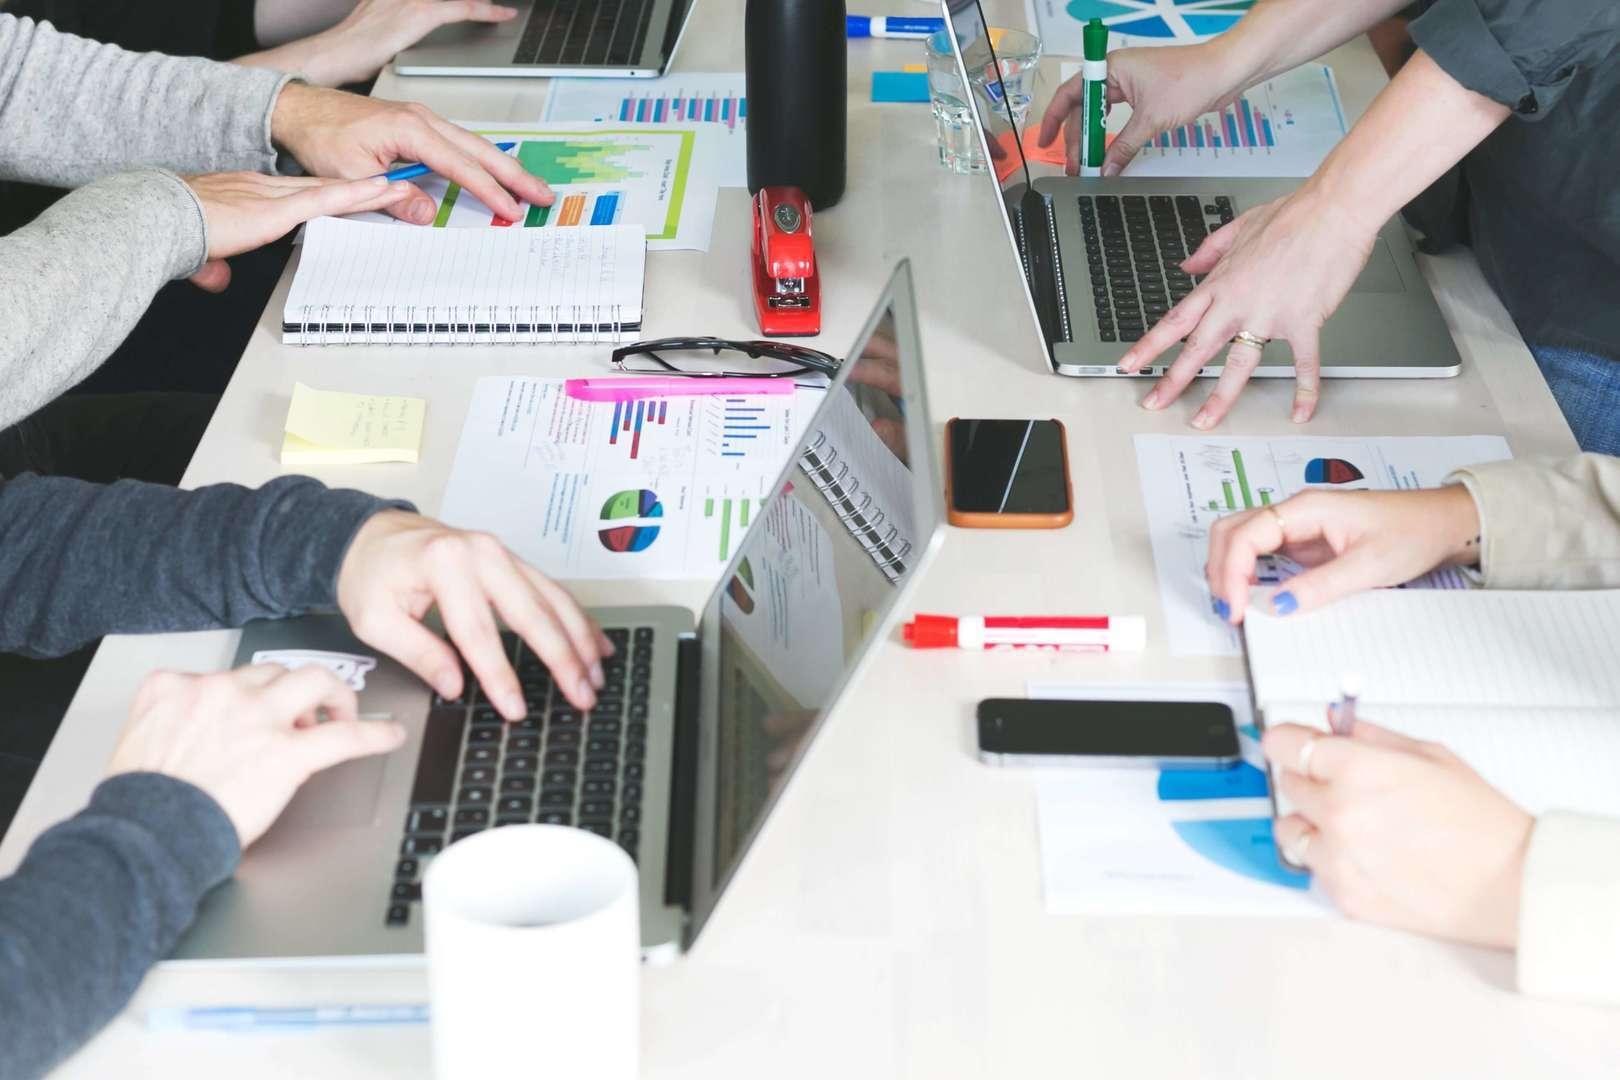 【オープンポジション幹部候補】タレントD2Cアパレル事業を牽引するコアメンバーのカバー写真